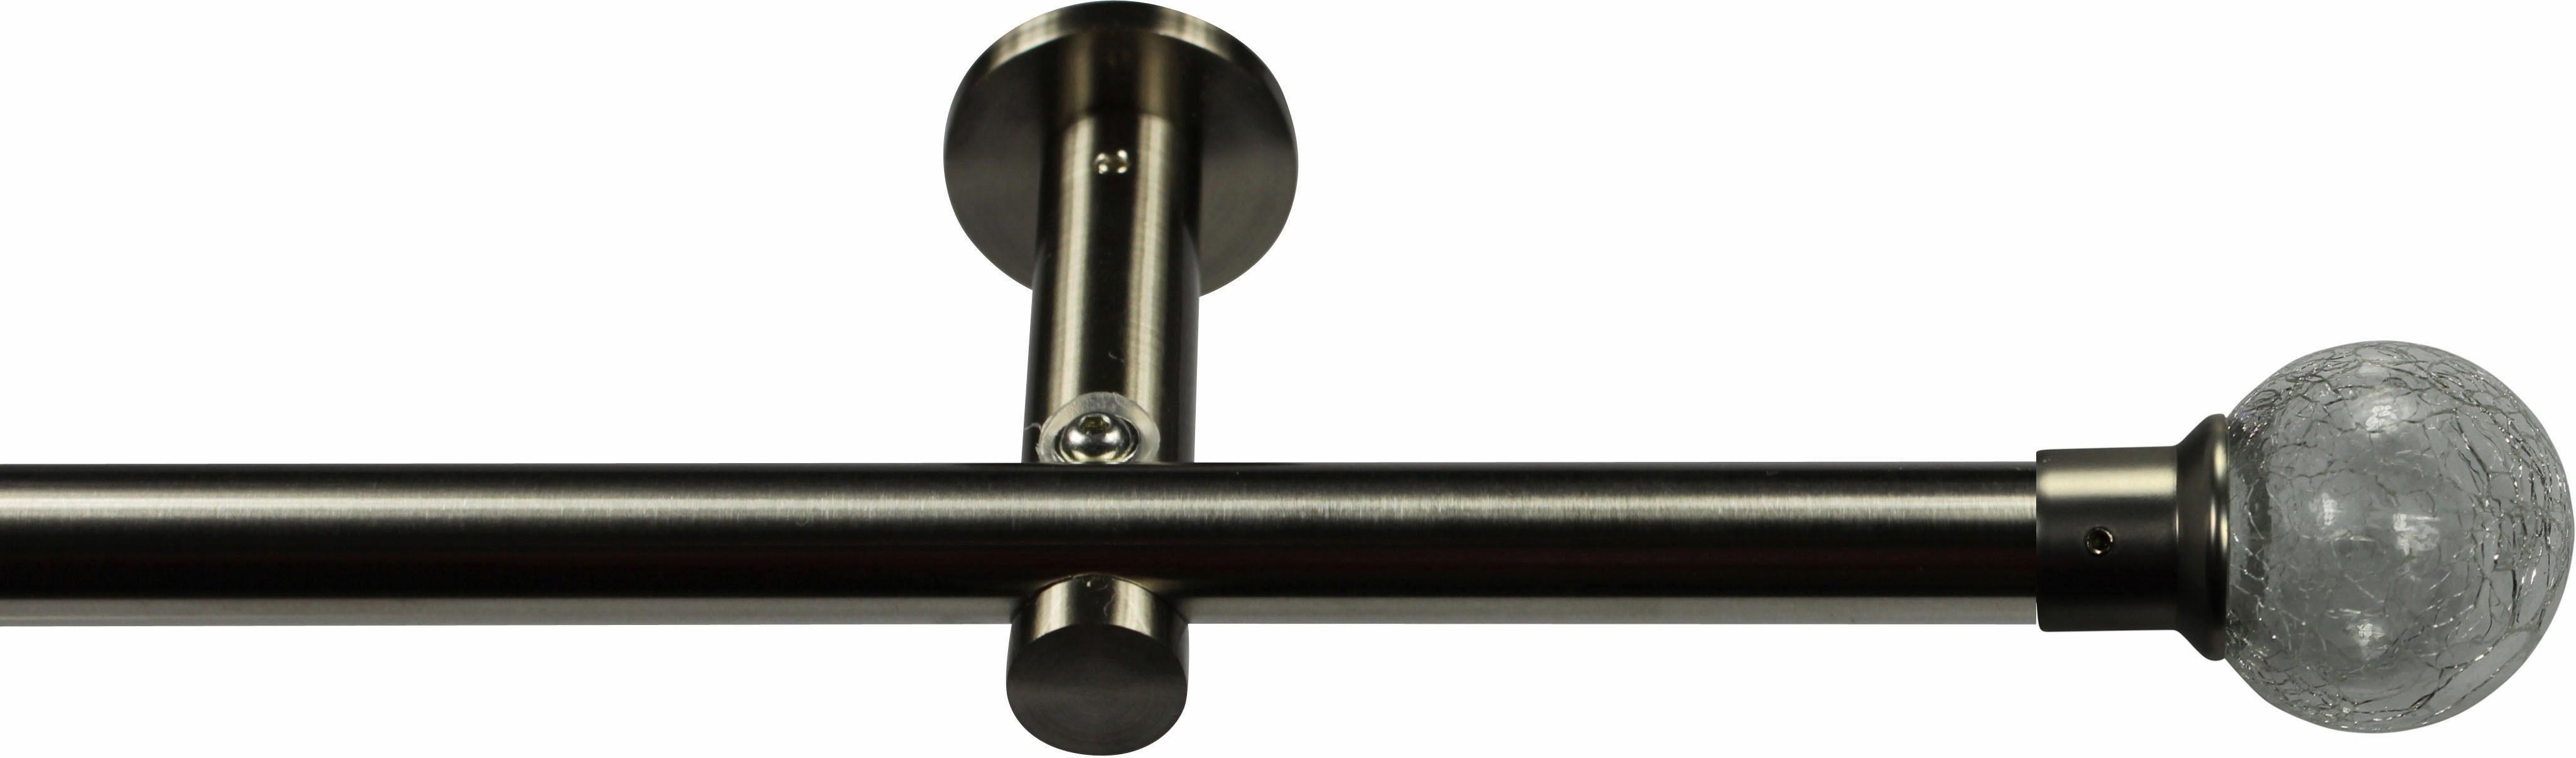 Gardinenstange 16 mm Christaly, ohne Ringe, nach Maß